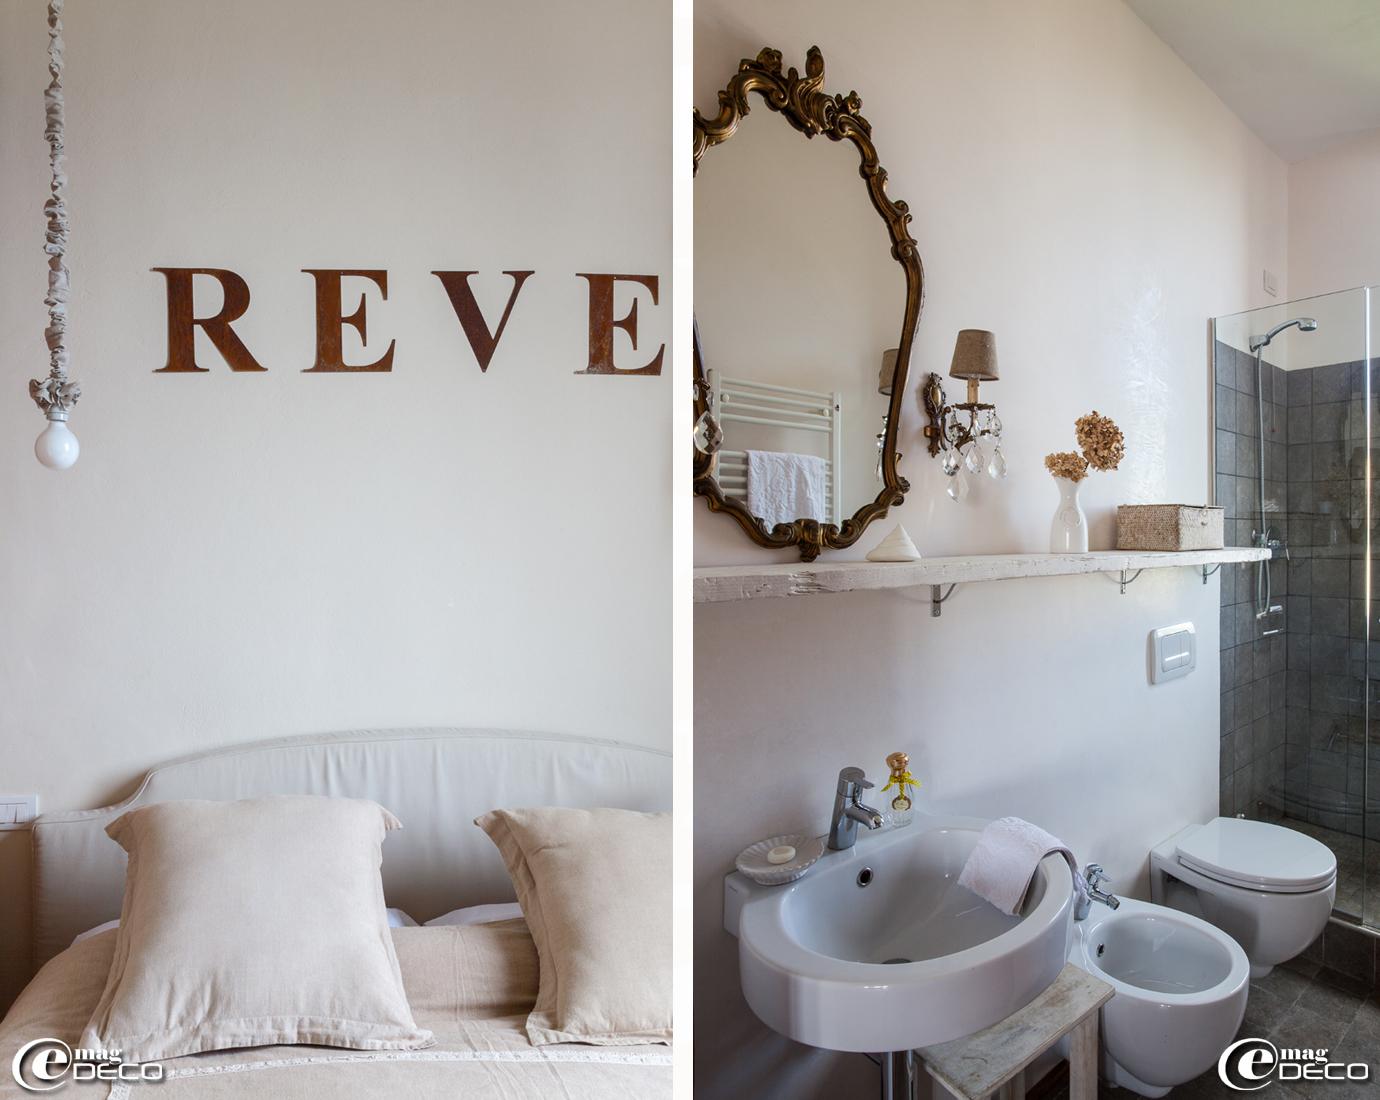 Dans la Suite Memorie de la maison d'hôtes de charme 'Valdirose' près de Florence, tête de lit en lin 'Frauflex' et lettres 'Rêve' en métal rouillé, création 'Un esprit en plus'